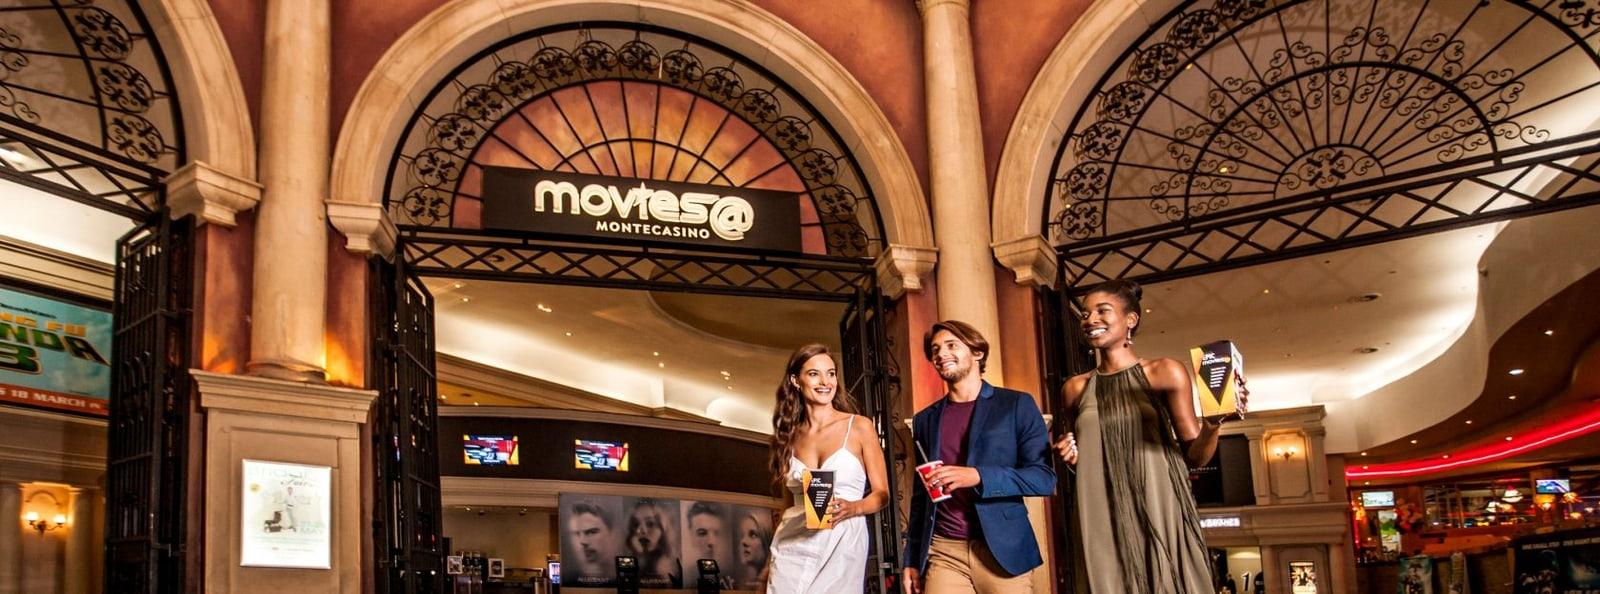 Movies@